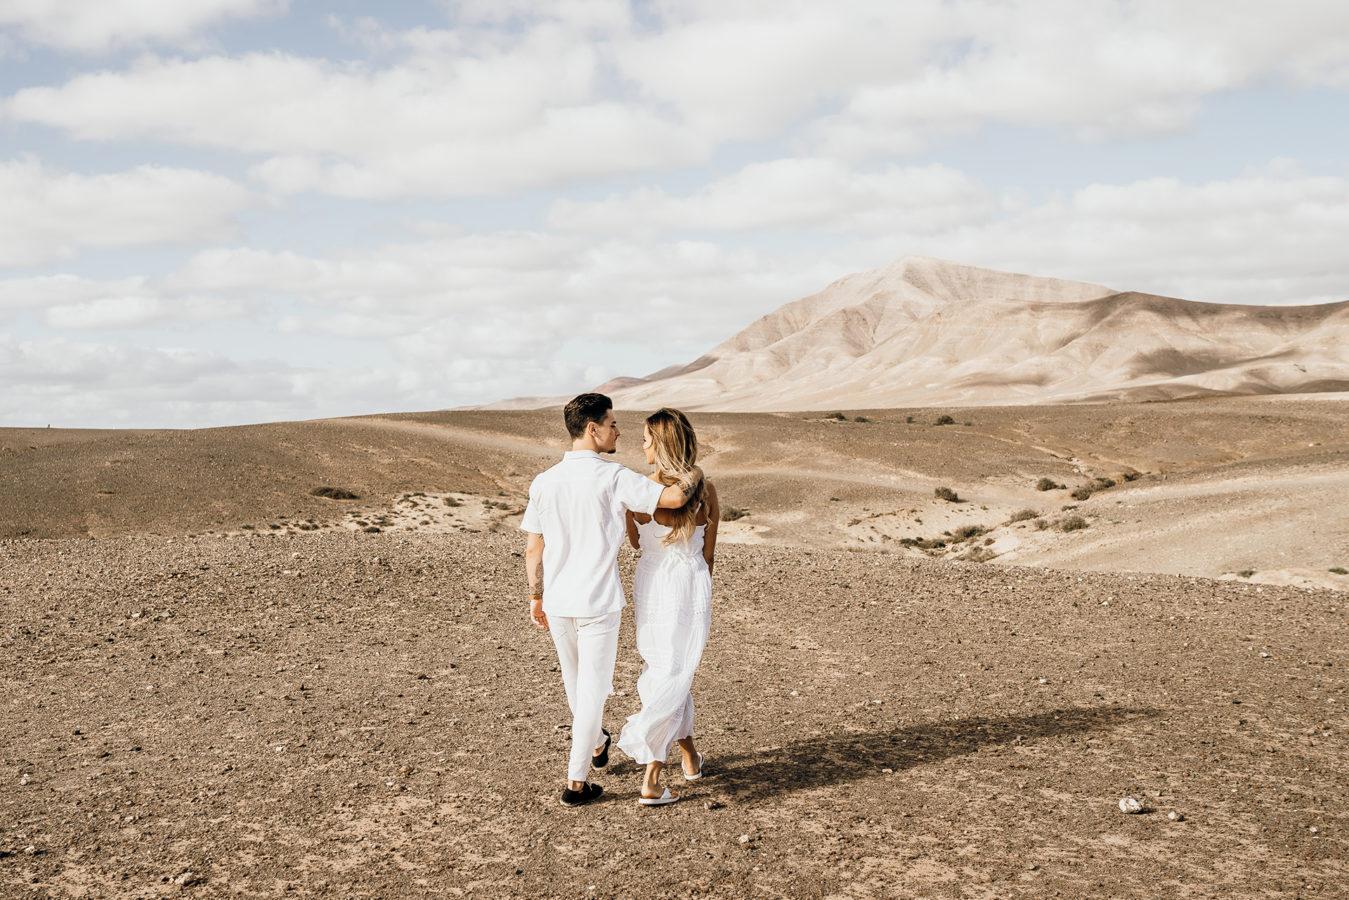 Fotoshooting auf Lanzarote Playa Papagayo